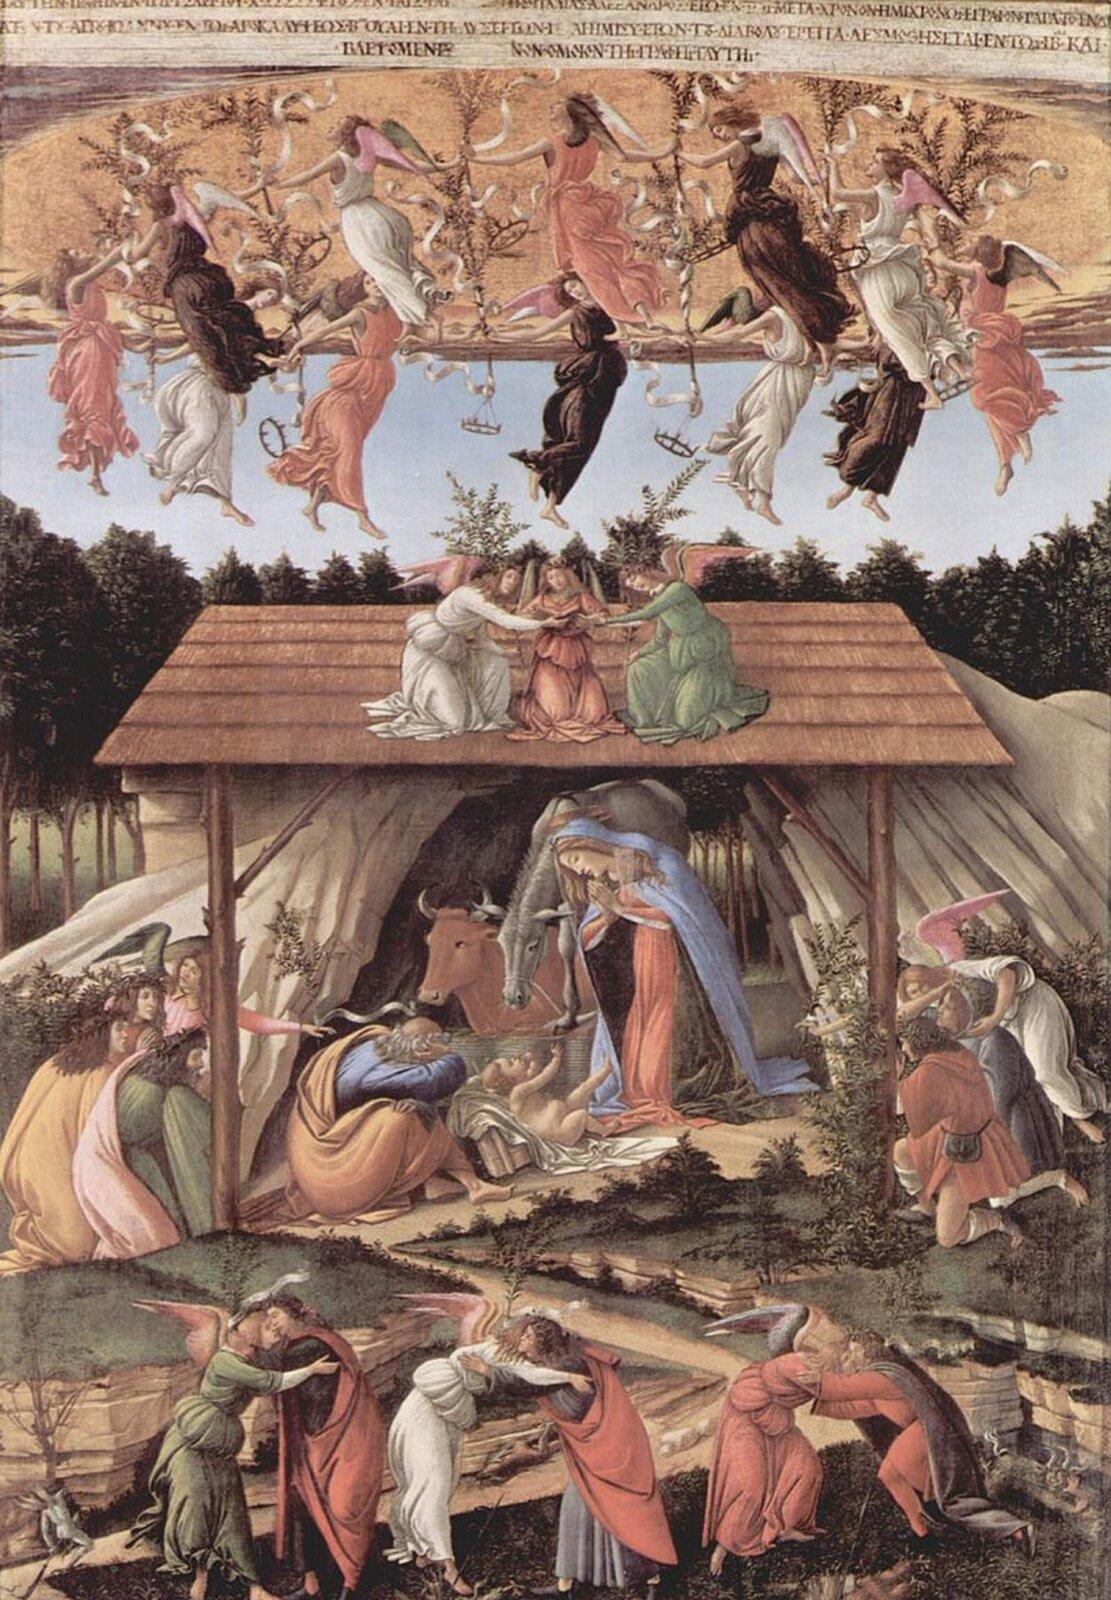 """Ilustracja przedstawia dzieło wykonane przez Sandro Botticelli pt. """"Mistyczne Boże Narodzenie"""". Artysta namalował dwanaście koron, które wraz zgałązkami oliwnymi trzymają tańczące anioły. Wcentralnej części malowidła widzimy tradycyjną scenę narodzin Jezusa. Maria klęczy przy Dzieciątku wpozie adoracji, Józef tradycyjnie przysypia, wół iosioł spoglądają na scenę. Zjednej strony klęczący pastuszkowie, zdrugiej mędrcy. Złotowłosa Maria ubrana wczerwoną suknię ipłaszcz wkolorze ultramaryny łagodnie spływa po niej, aż do ziemi. Dzieciątko leży nagie na posłaniu. Jest radosne, wymachuje nóżkami iwyciąga prawą dłoń do matki. Wdolnej części malowidła Botticelli przedstawił trzy pary aniołów iludzi wobjęciach. Każdy zludzi trzyma wdłoniach gałązkę oliwną zszarfą, na której widnieją słowa zaczerpnięte zEwangelii według św. Łukasza """"Pokój na ziemi ludziom dobrej woli""""."""